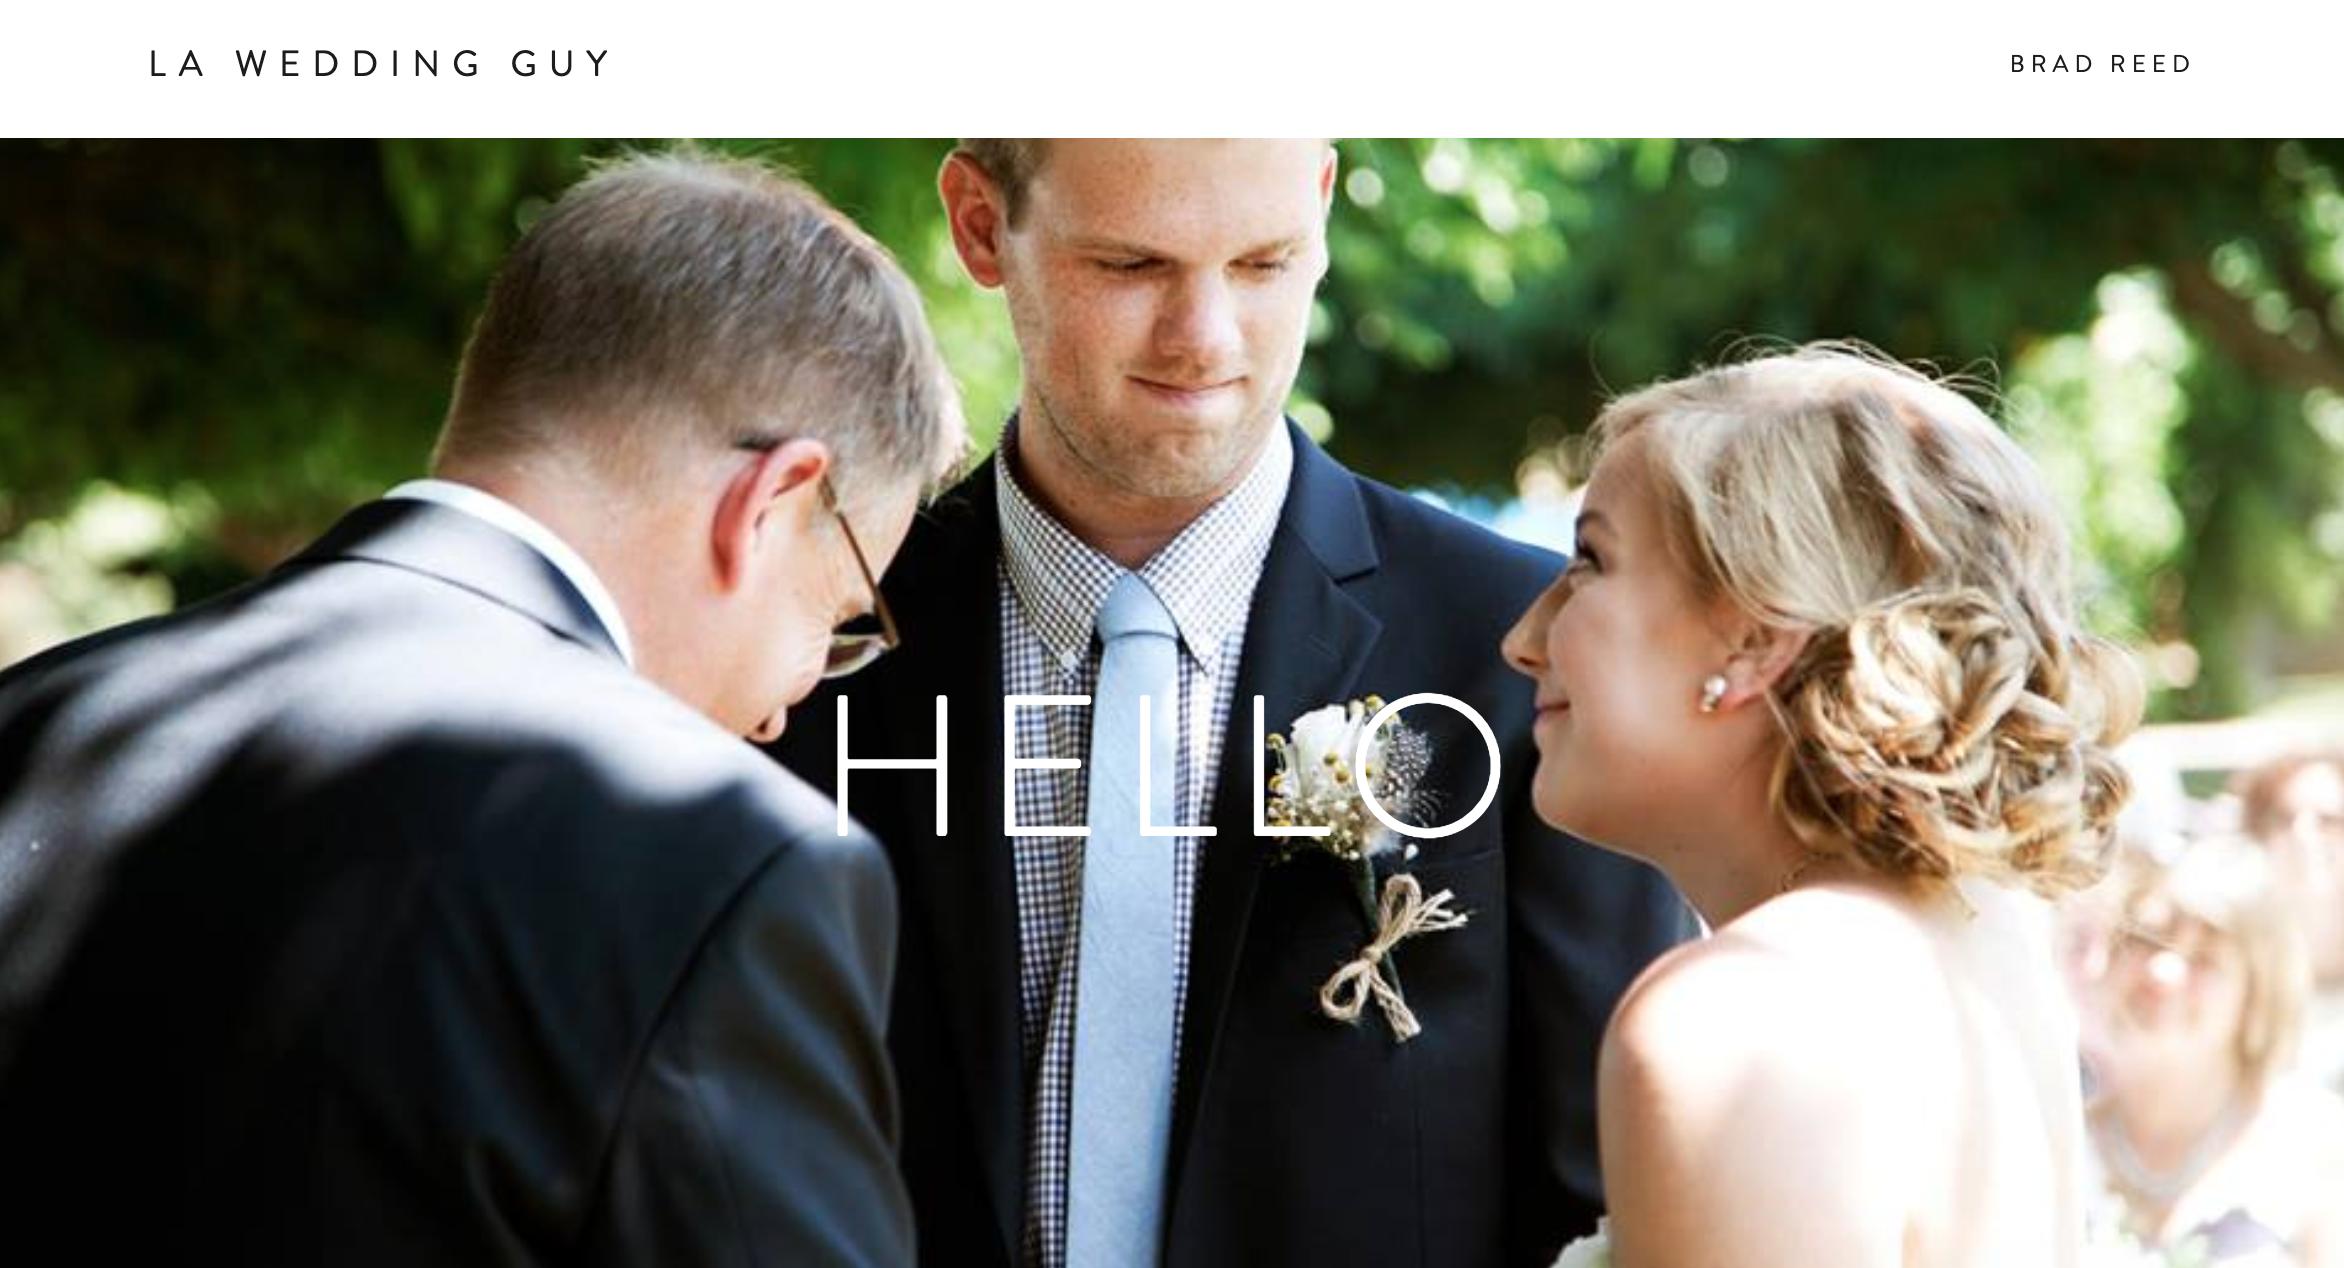 LA Wedding Guy Wedding Officiant Los Angeles